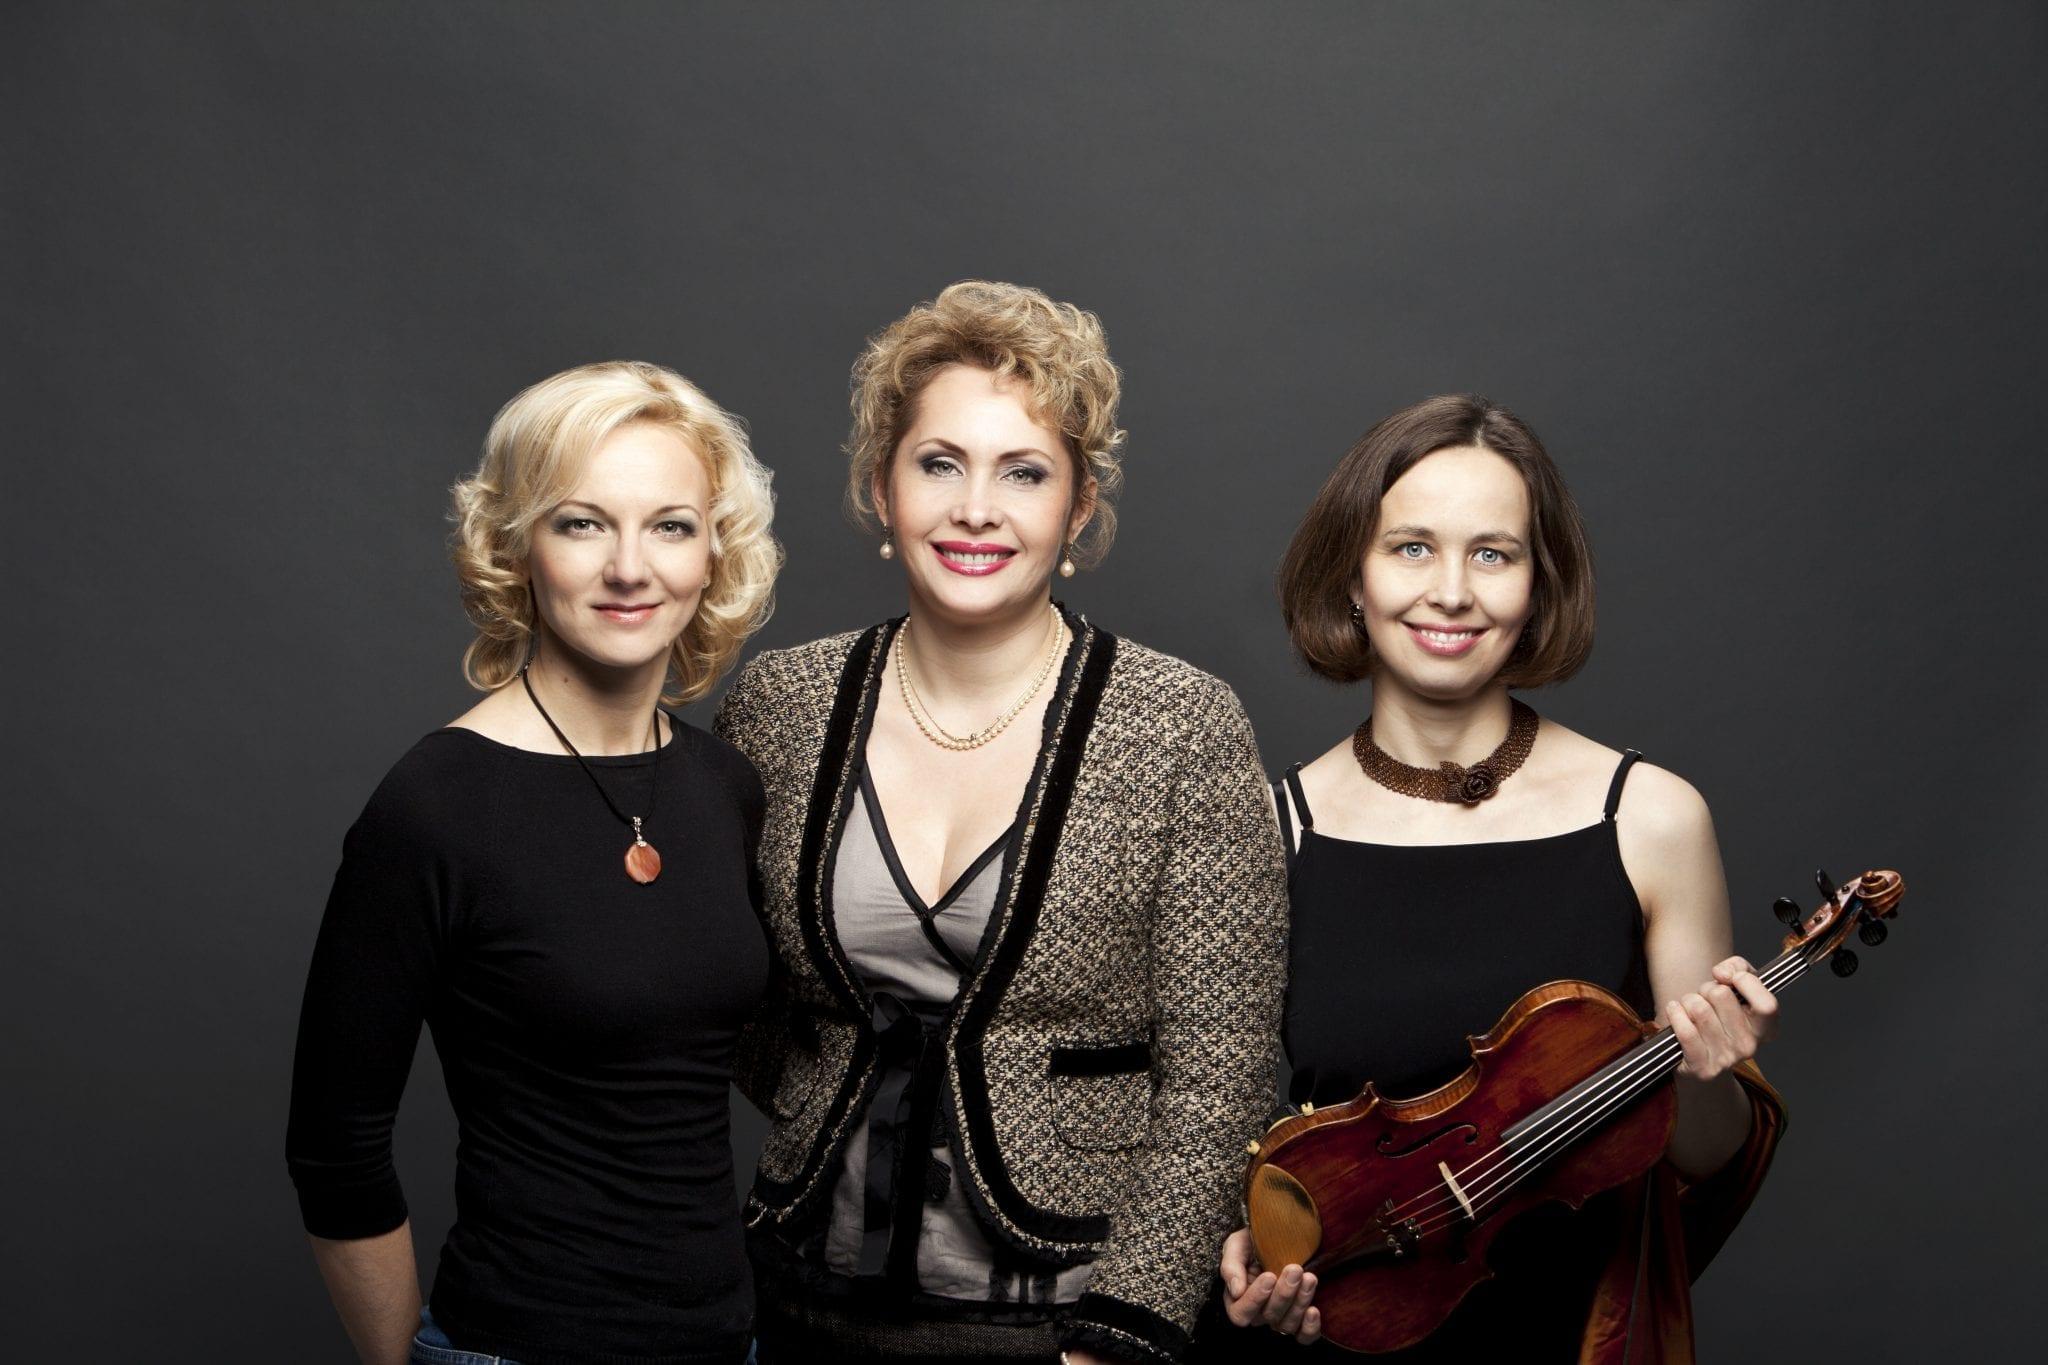 Muzikė Rūta Blaškytė su kolegėmis / Asmeninio archyvo nuotr.